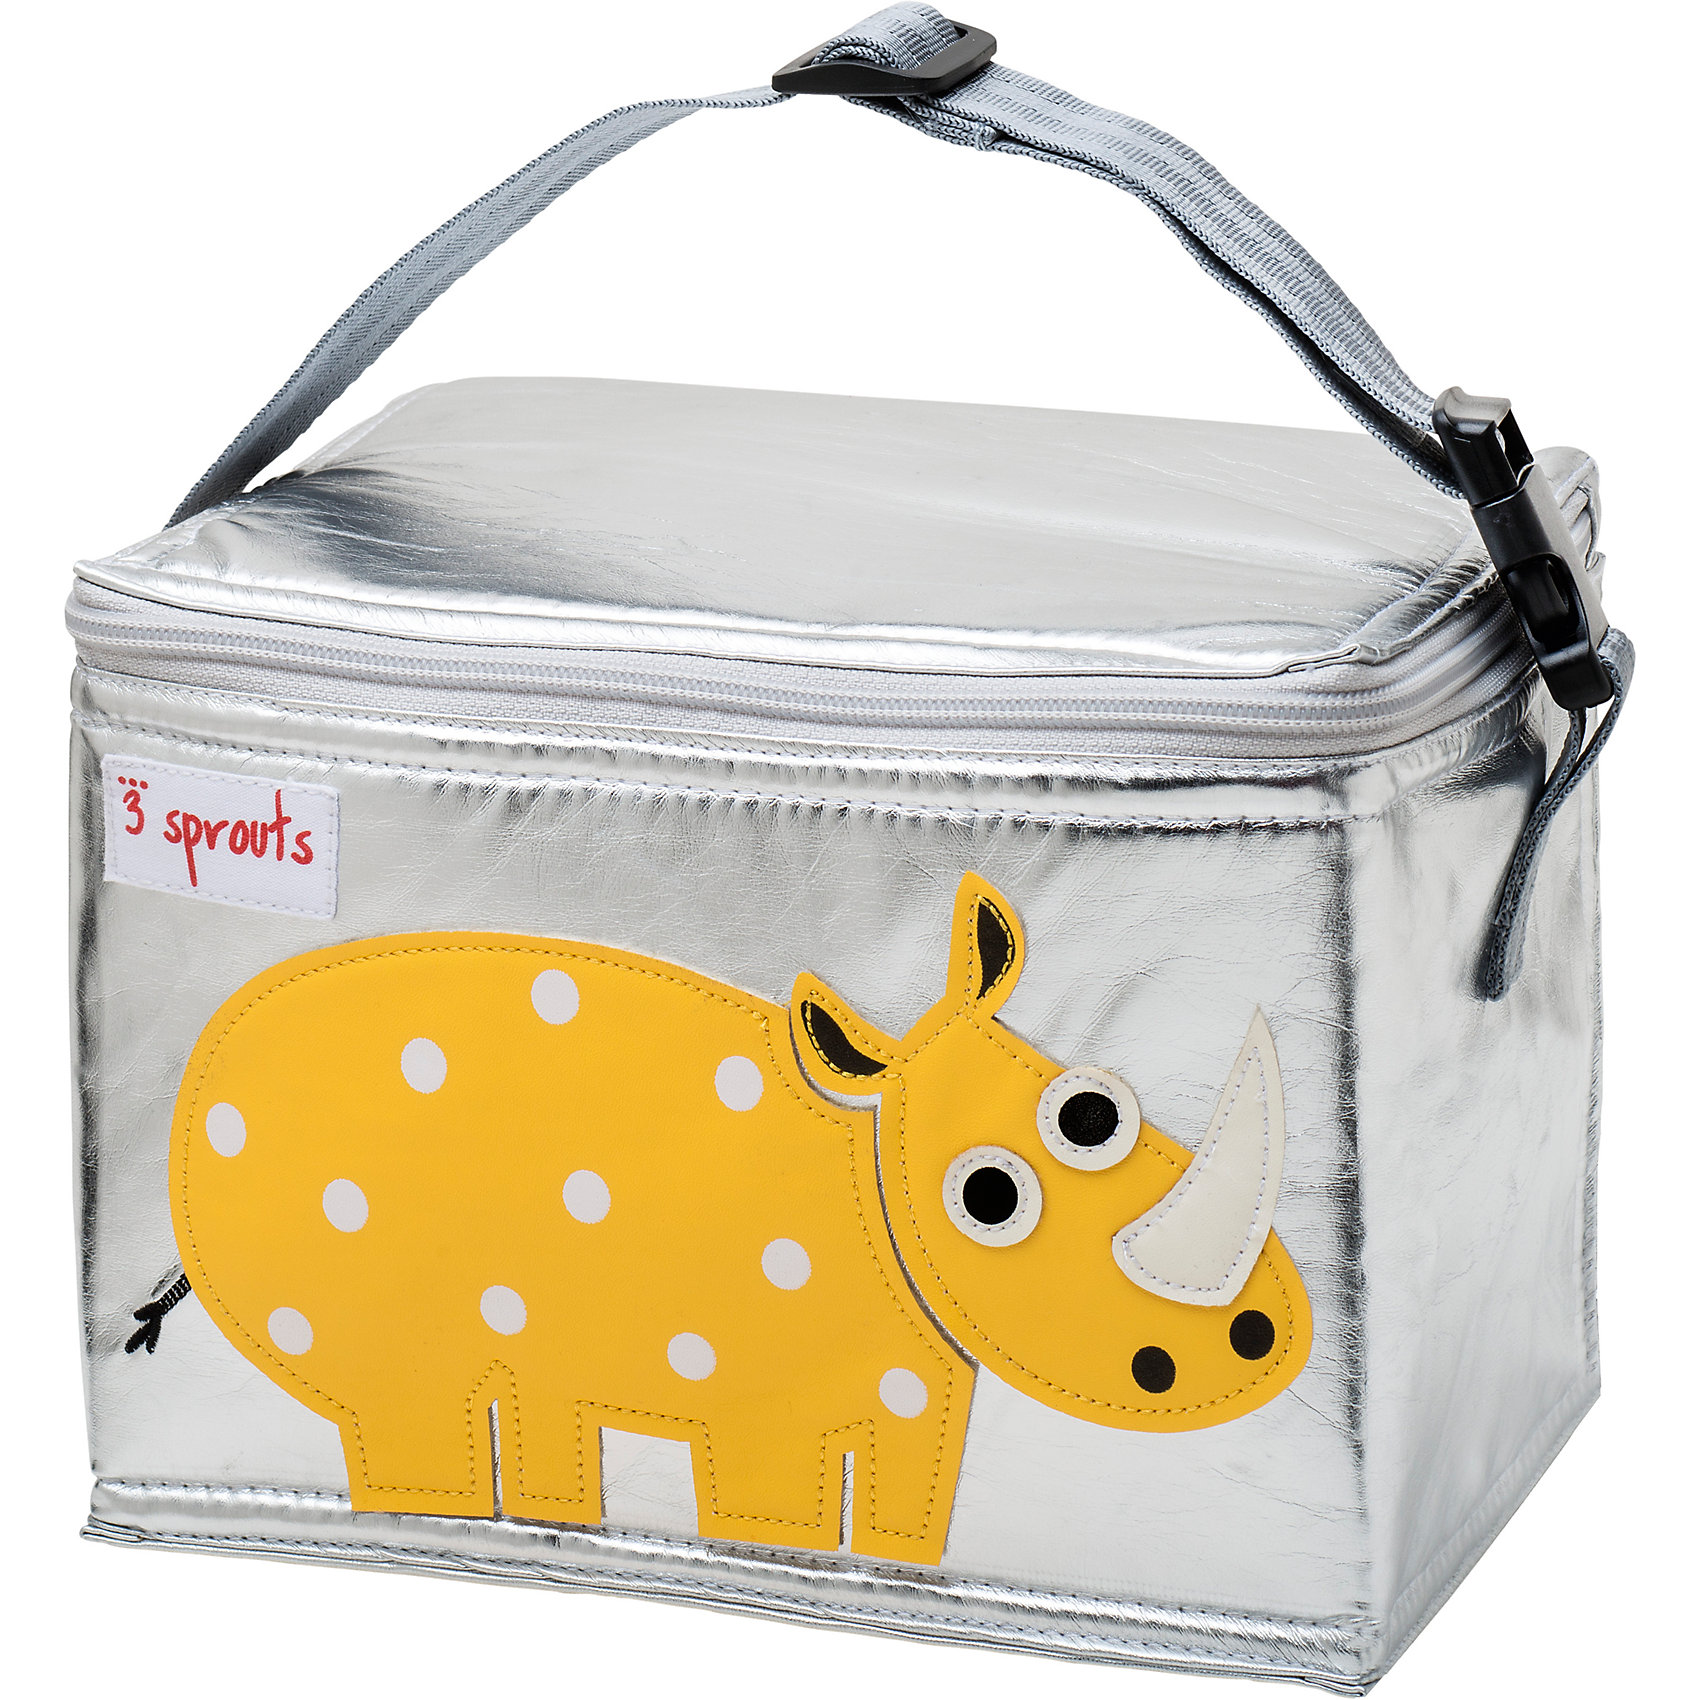 Сумка для обеда Носорог (Yellow Rhino SPR1003), 3 Sprouts, желтыйПрекрасная сумка для обеда! Размер идеален для контейнеров, так что вы можете отправить детей в школу вместе с сытными закусками и обедами.<br><br>Дополнительная информация:<br><br>- Размер: 17х17х22 см.<br>- Материал: полиуретан, полиэтиленовая пена, PEVA.<br>- Орнамент: Носорог.<br>- Цвет: желтый.<br><br>Купить сумку для обеда Носорог (Yellow Rhino), можно в нашем магазине.<br><br>Ширина мм: 170<br>Глубина мм: 40<br>Высота мм: 250<br>Вес г: 200<br>Возраст от месяцев: 6<br>Возраст до месяцев: 84<br>Пол: Унисекс<br>Возраст: Детский<br>SKU: 5098260